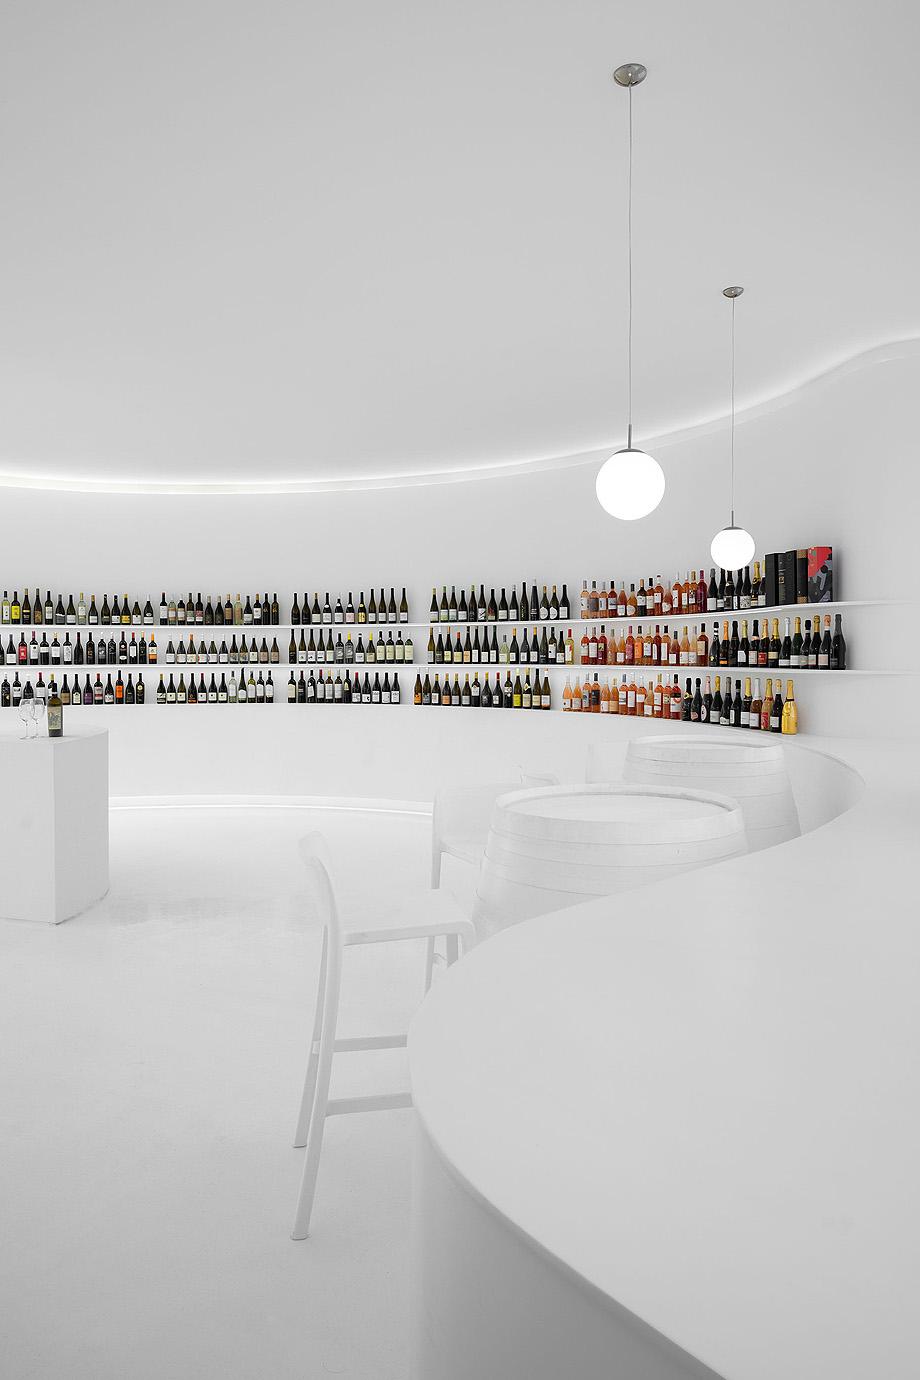 Portugal Vineyards a Loja de Vinhos online no Hipercentro da Areosa no Porto do atelier de arquitetura Porto Architects com fotografia de arquitetura Ivo Tavares Studio